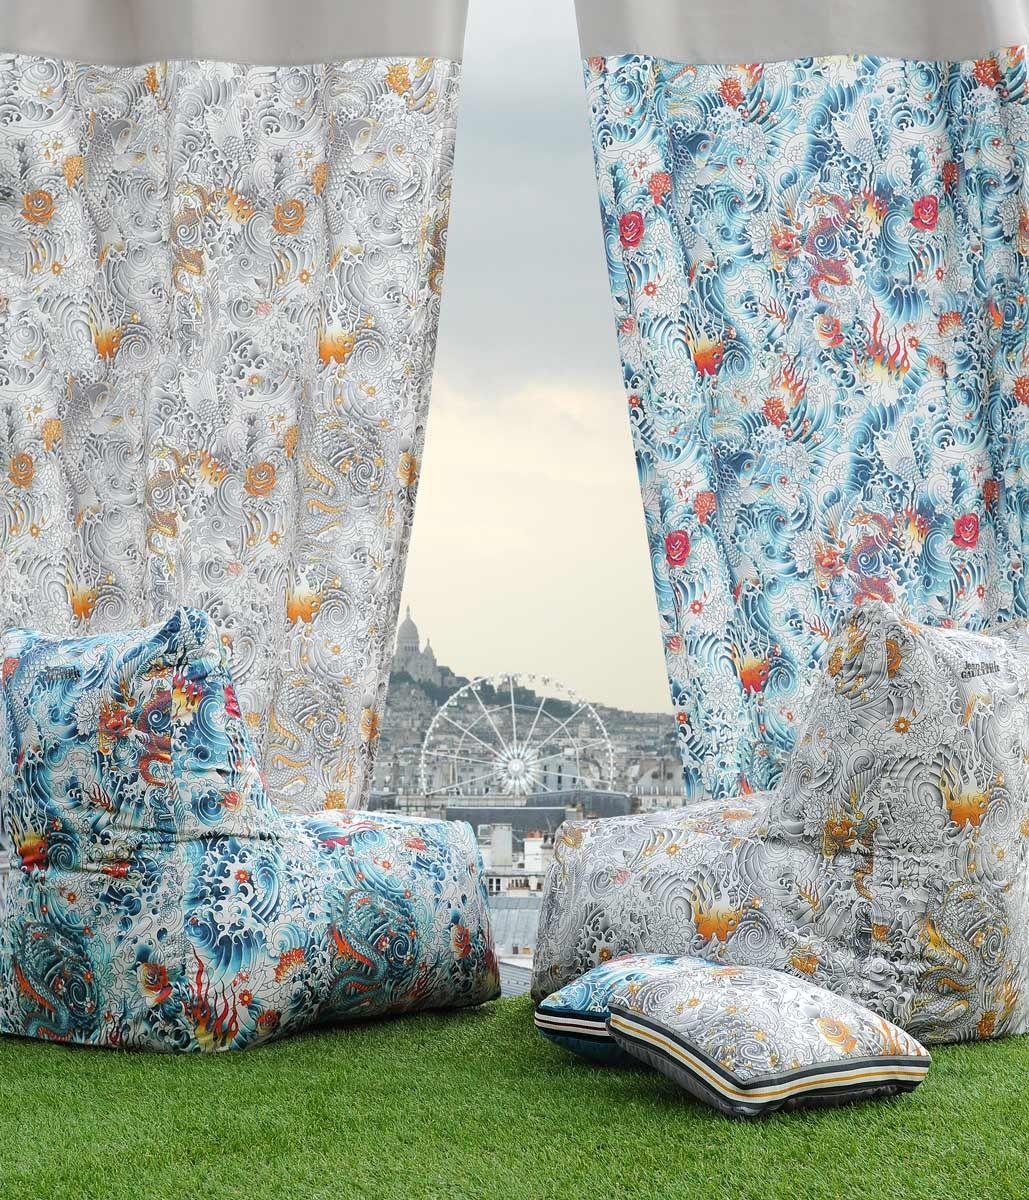 Tissu Jean Paul Gaultier tissu rock - jean paul gaultier | jean paul gaultier, fabric